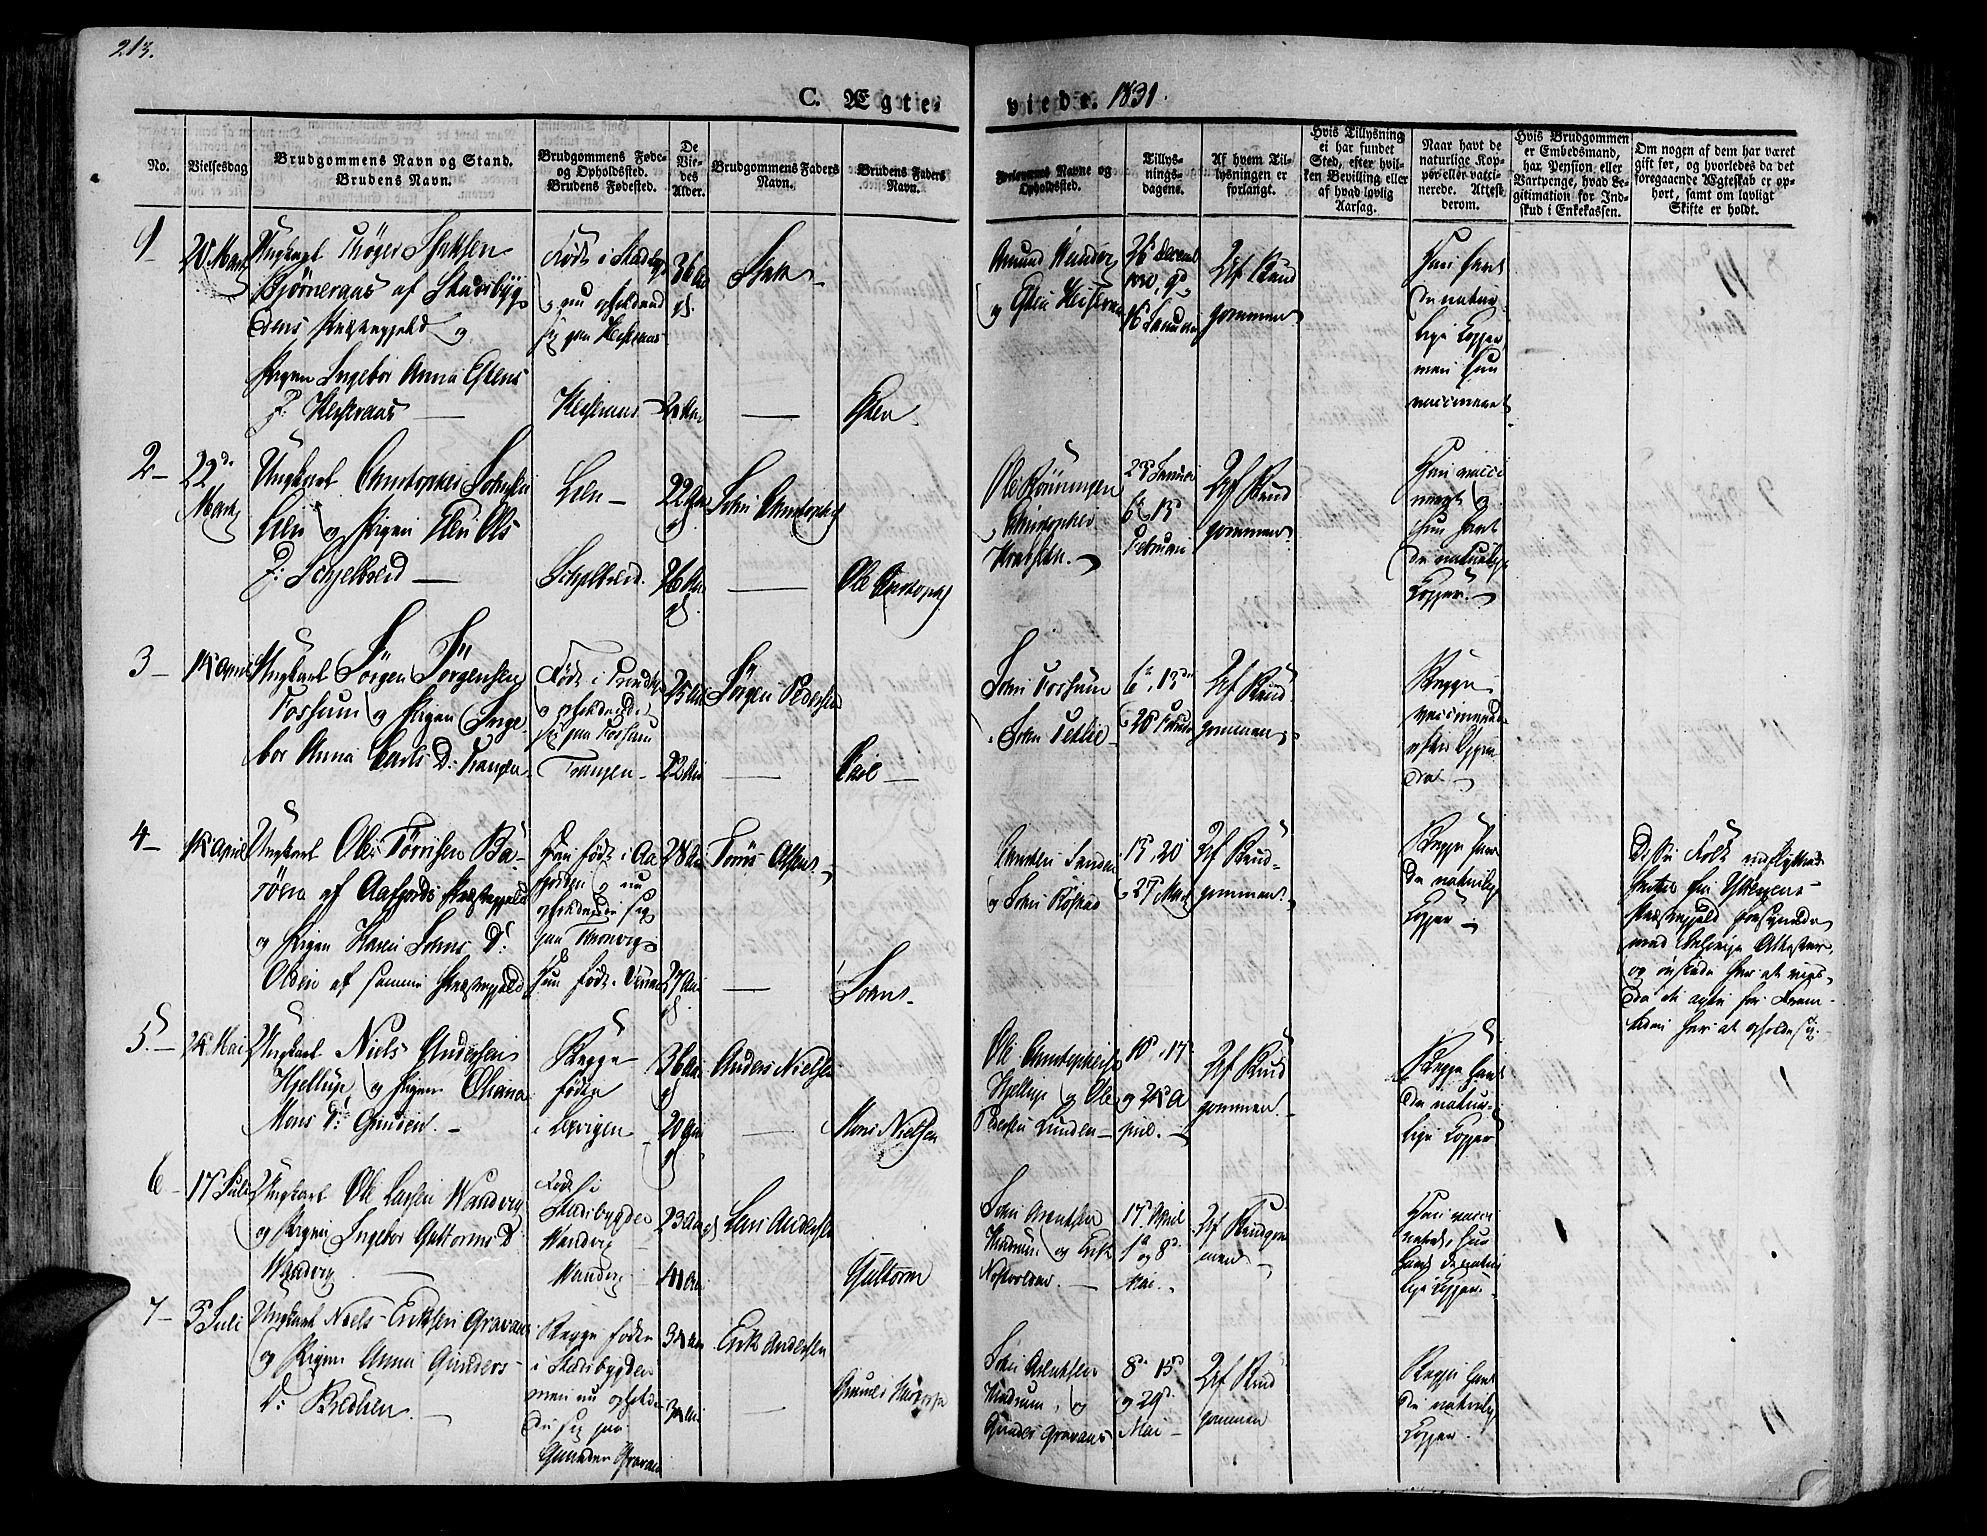 SAT, Ministerialprotokoller, klokkerbøker og fødselsregistre - Nord-Trøndelag, 701/L0006: Ministerialbok nr. 701A06, 1825-1841, s. 213